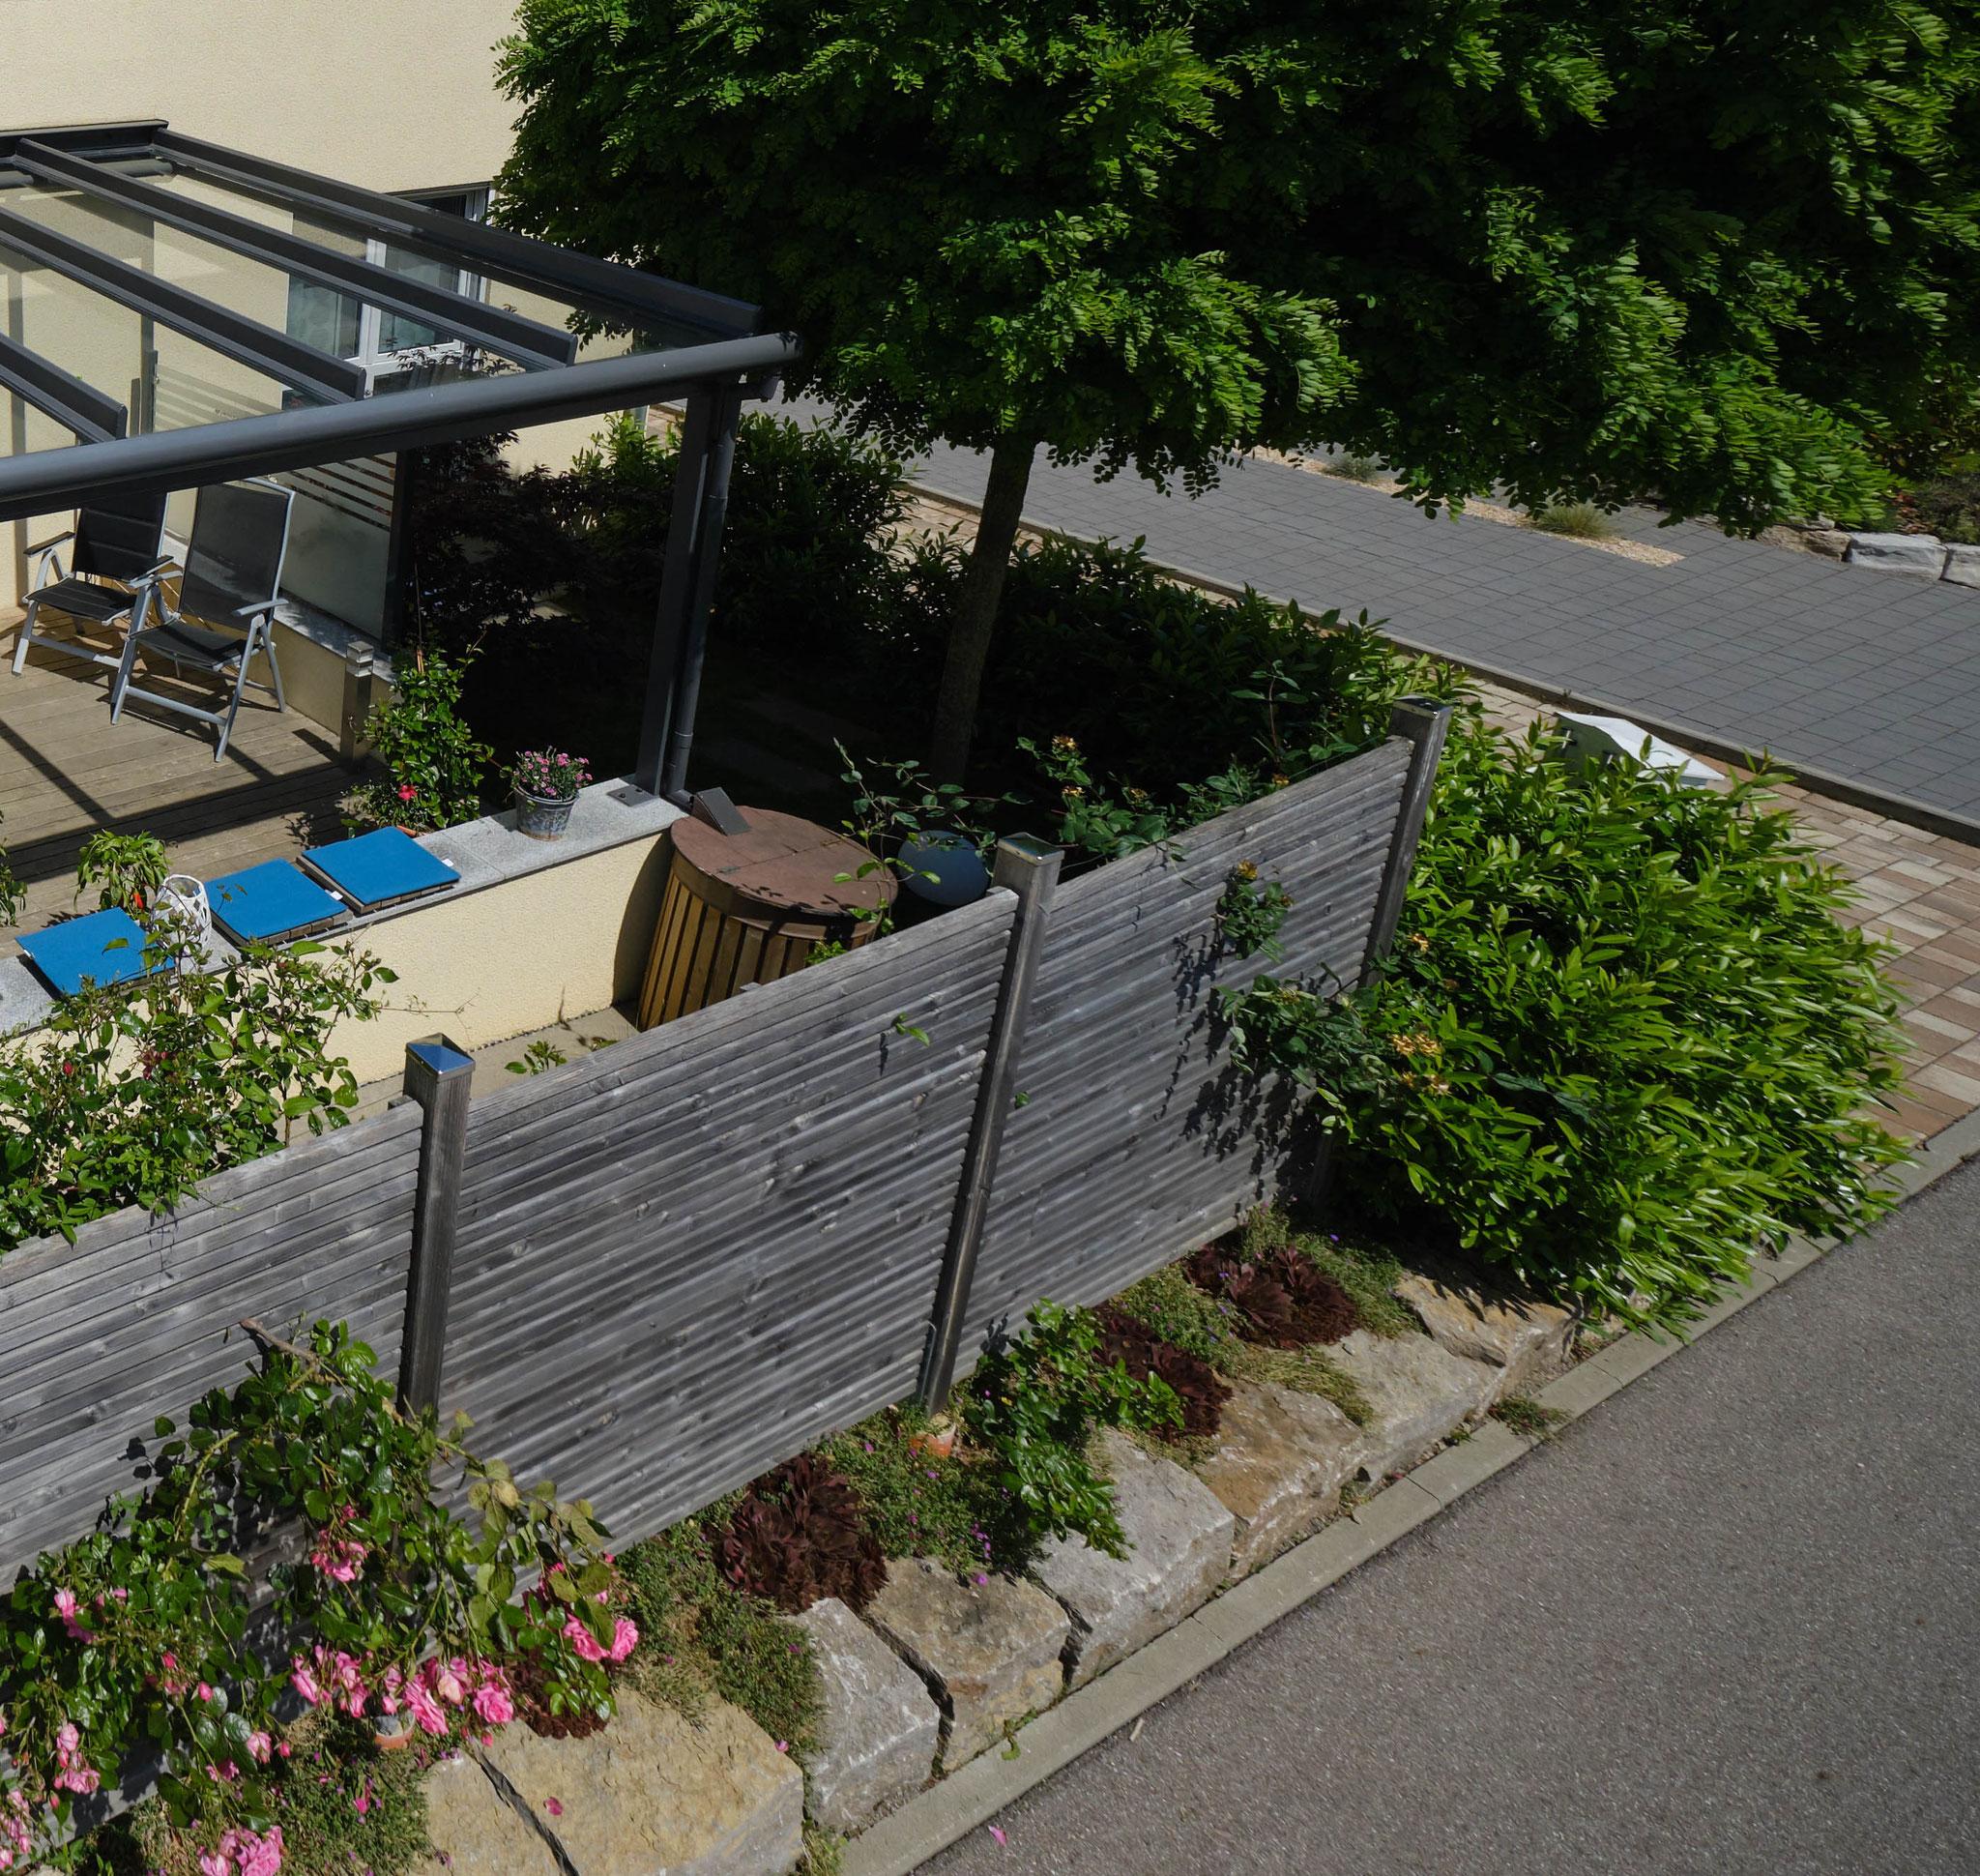 Ökopflaster mit mediterraner Optik im Garagenhof